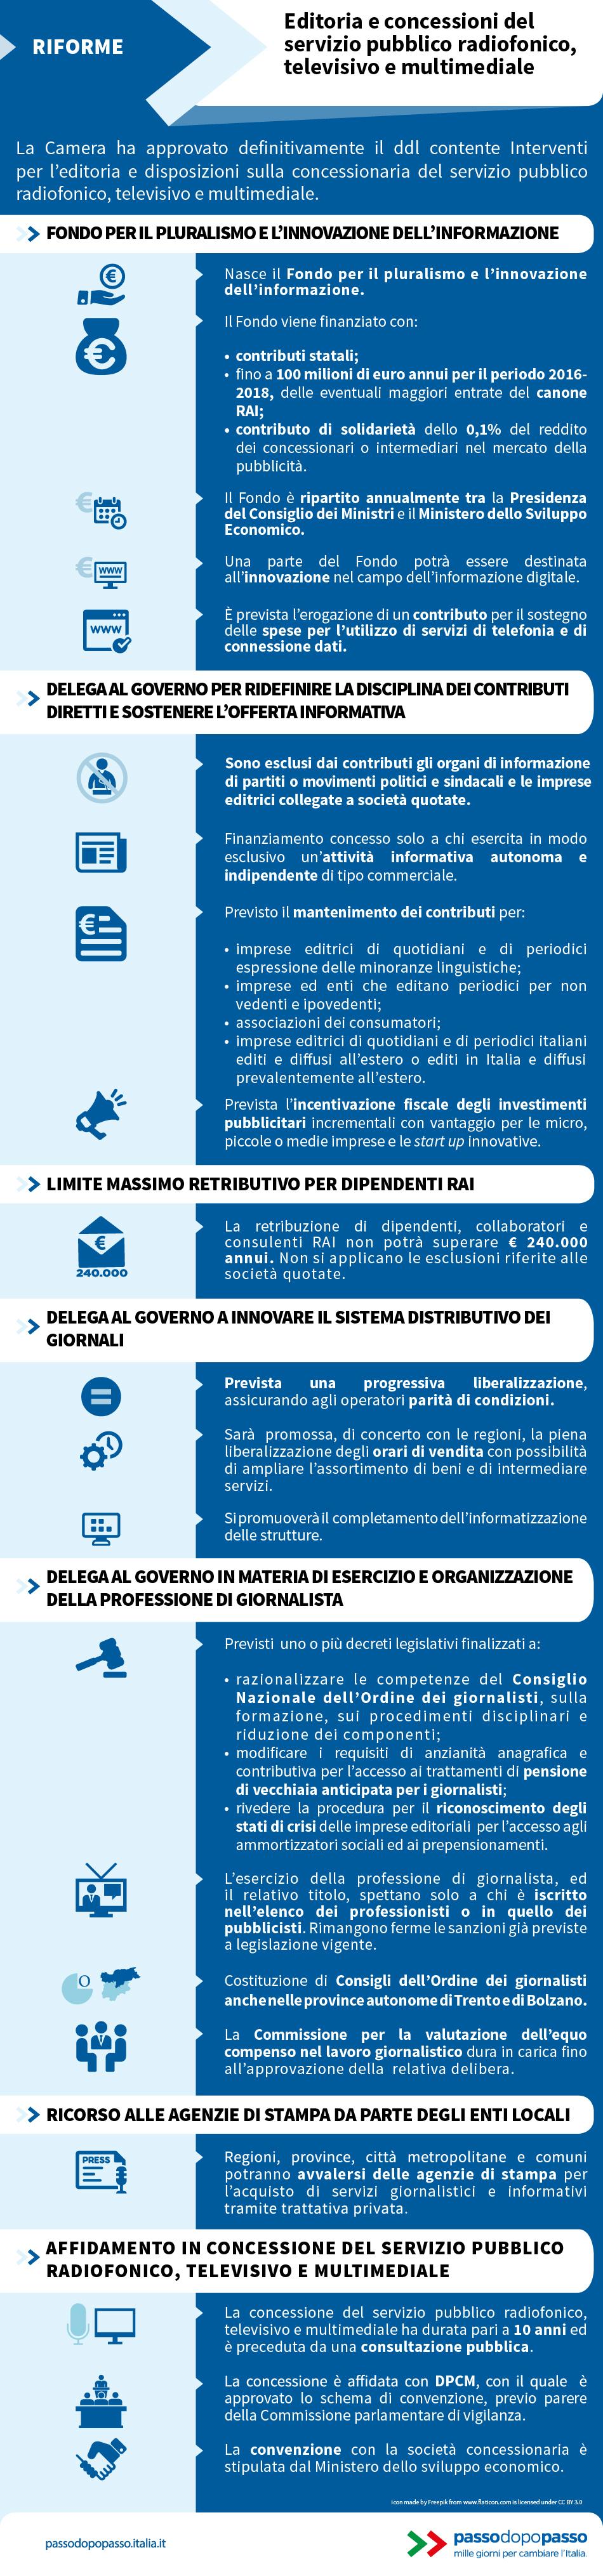 Infografica: Editoria e concessioni del servizio pubblico radiofonico, televisivo e multimediale